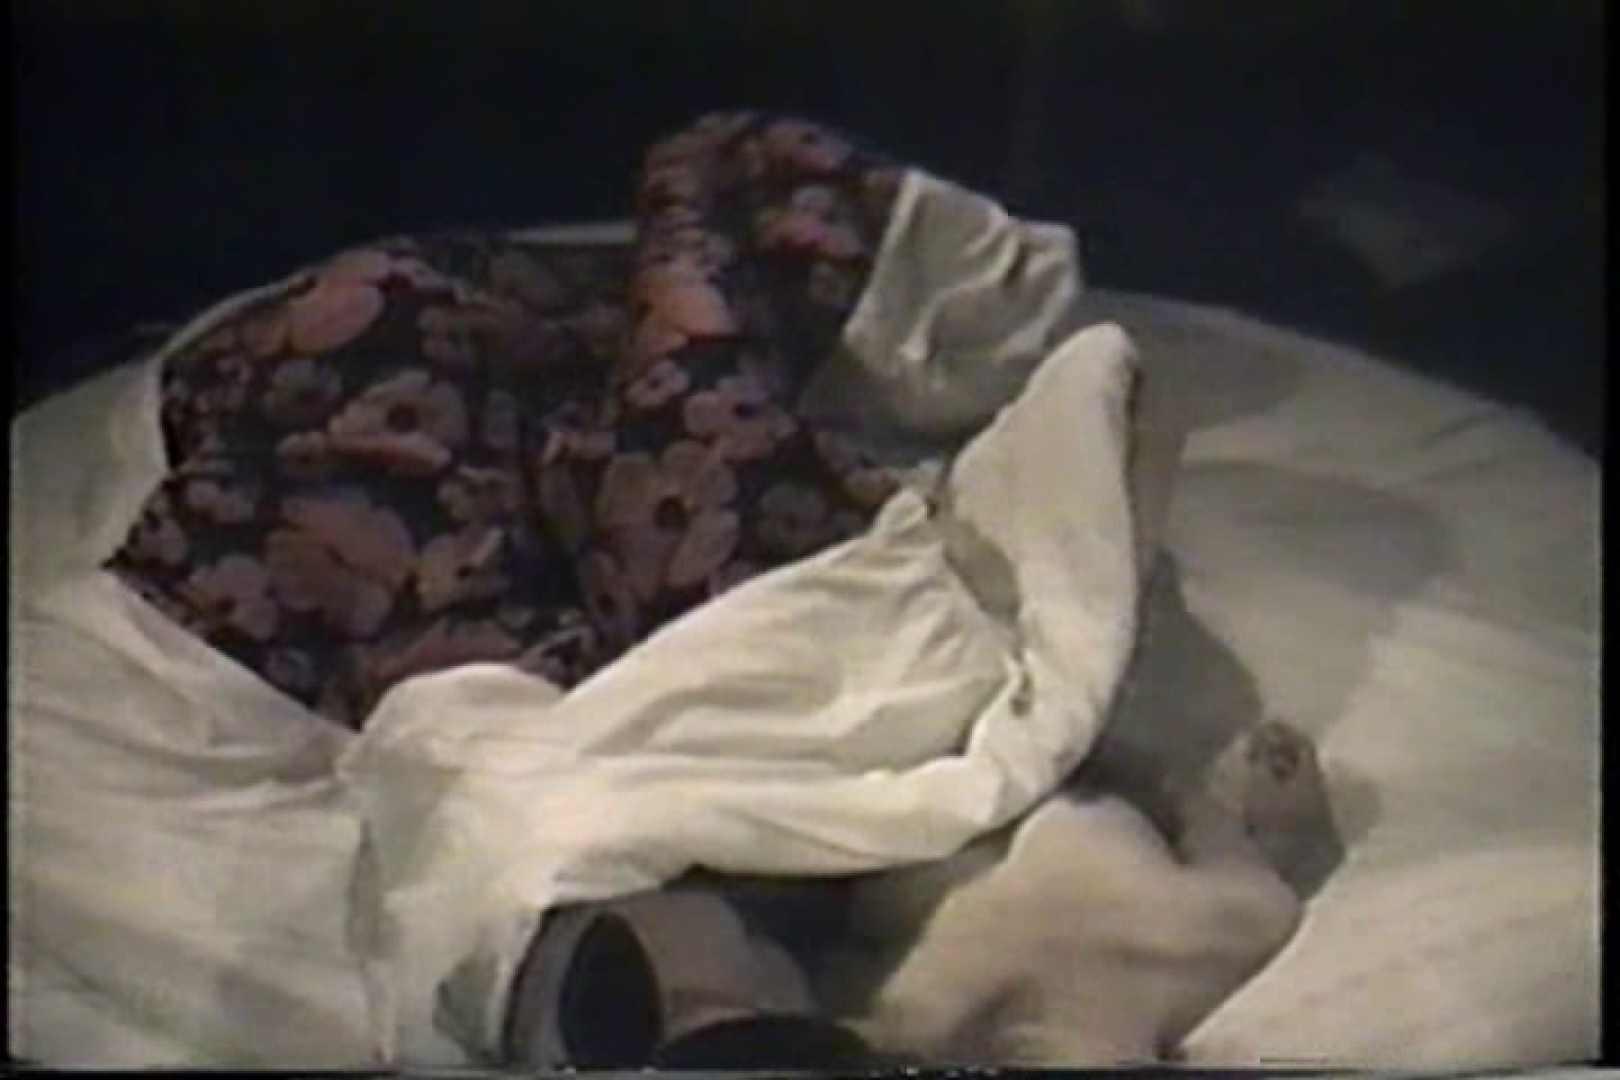 実録!ラブホテル~消し忘れ注意!昭和の色編~ vol.21 熟女のエロ生活 | OLのエロ生活  68連発 15